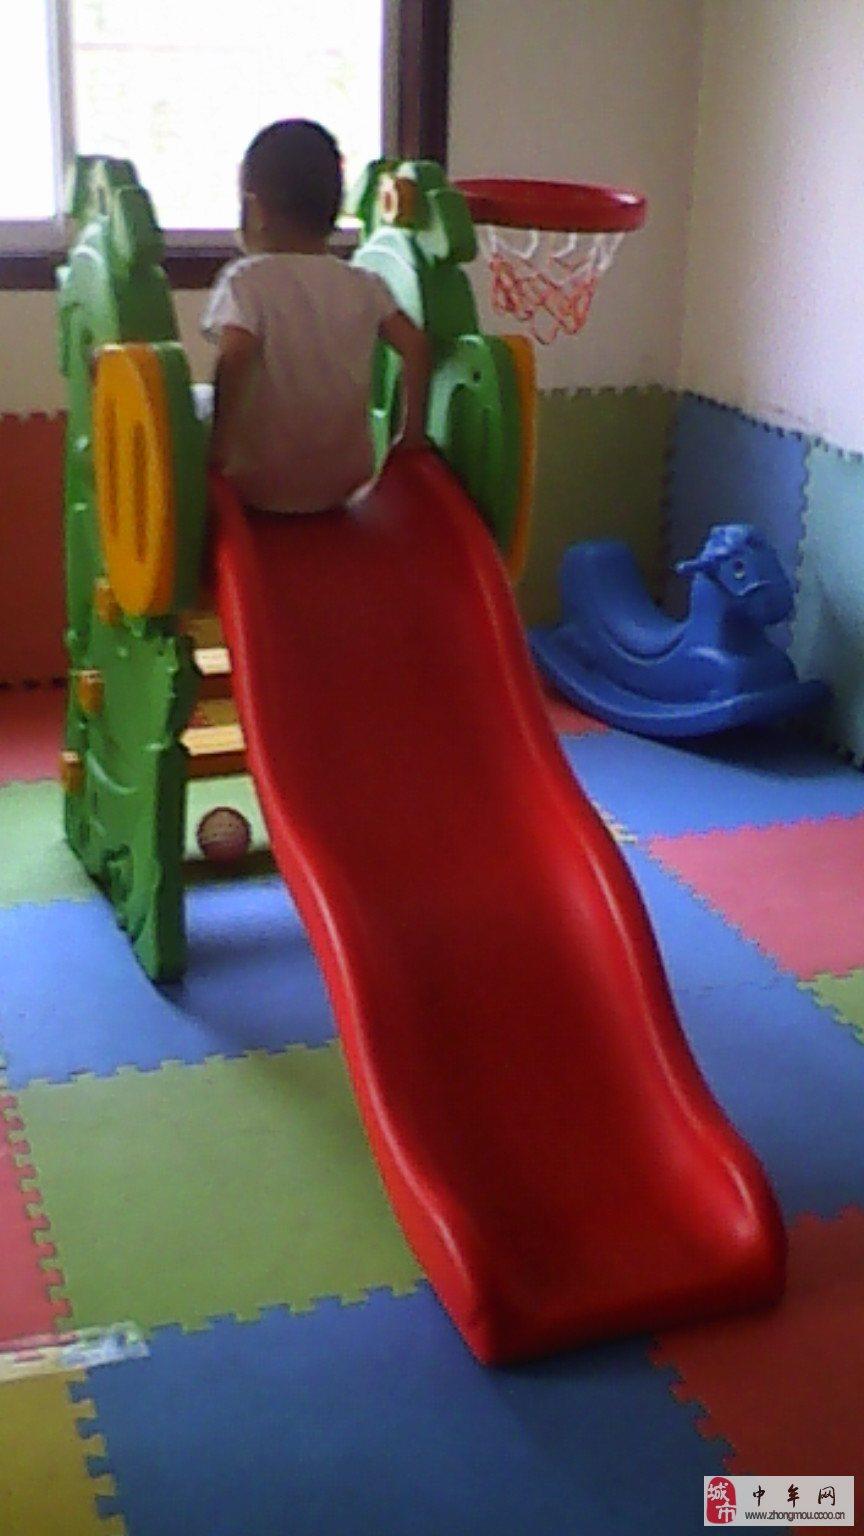 乐园招生 类  别:其他培训 详细描述 招收 1岁半-3岁半儿童 家庭式